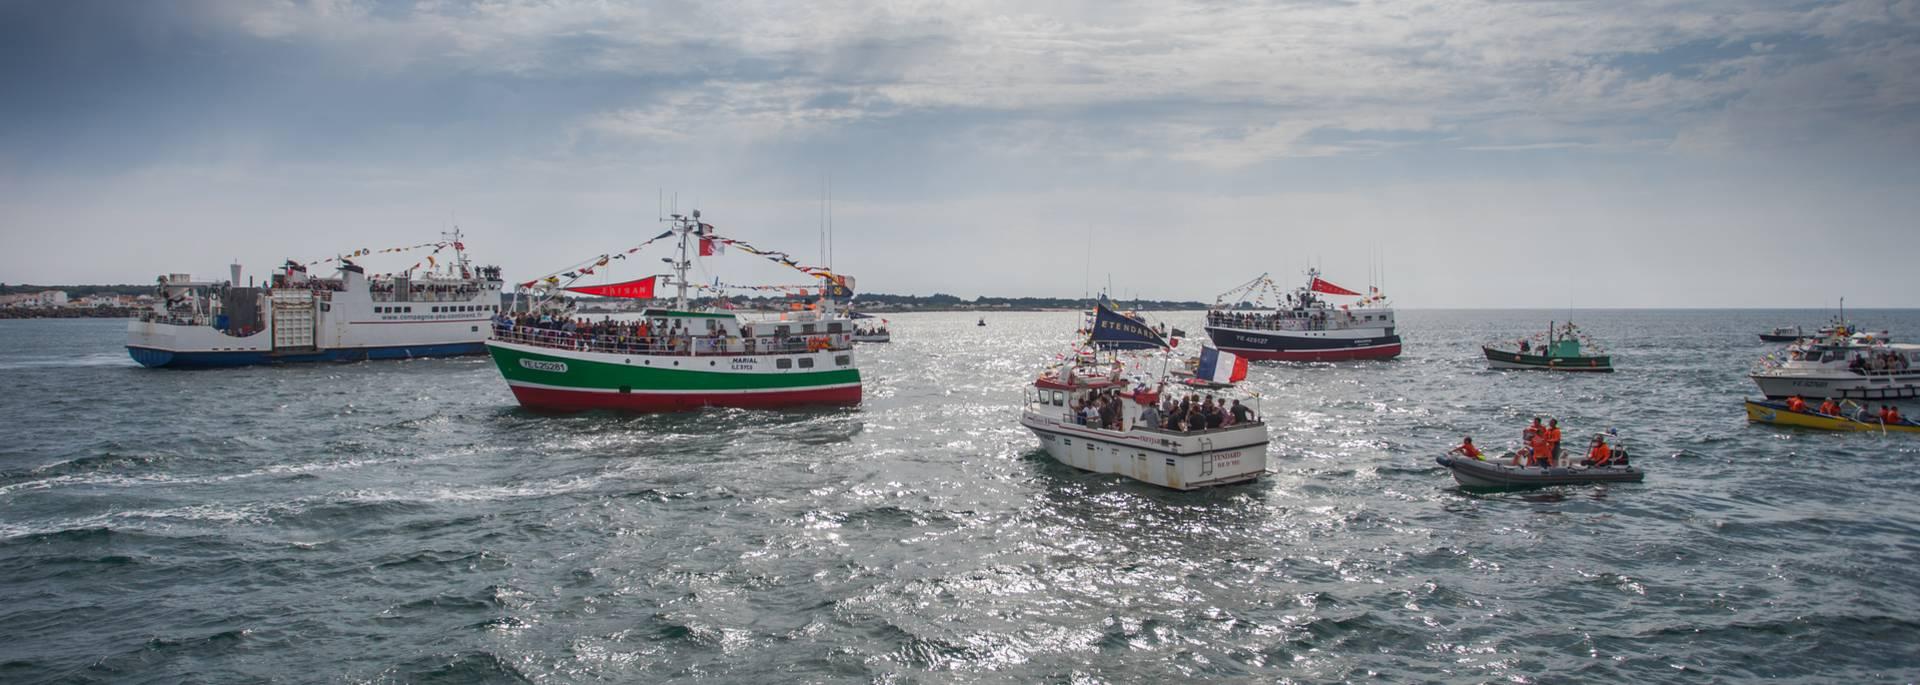 Festival of the sea, Ile d'Yeu